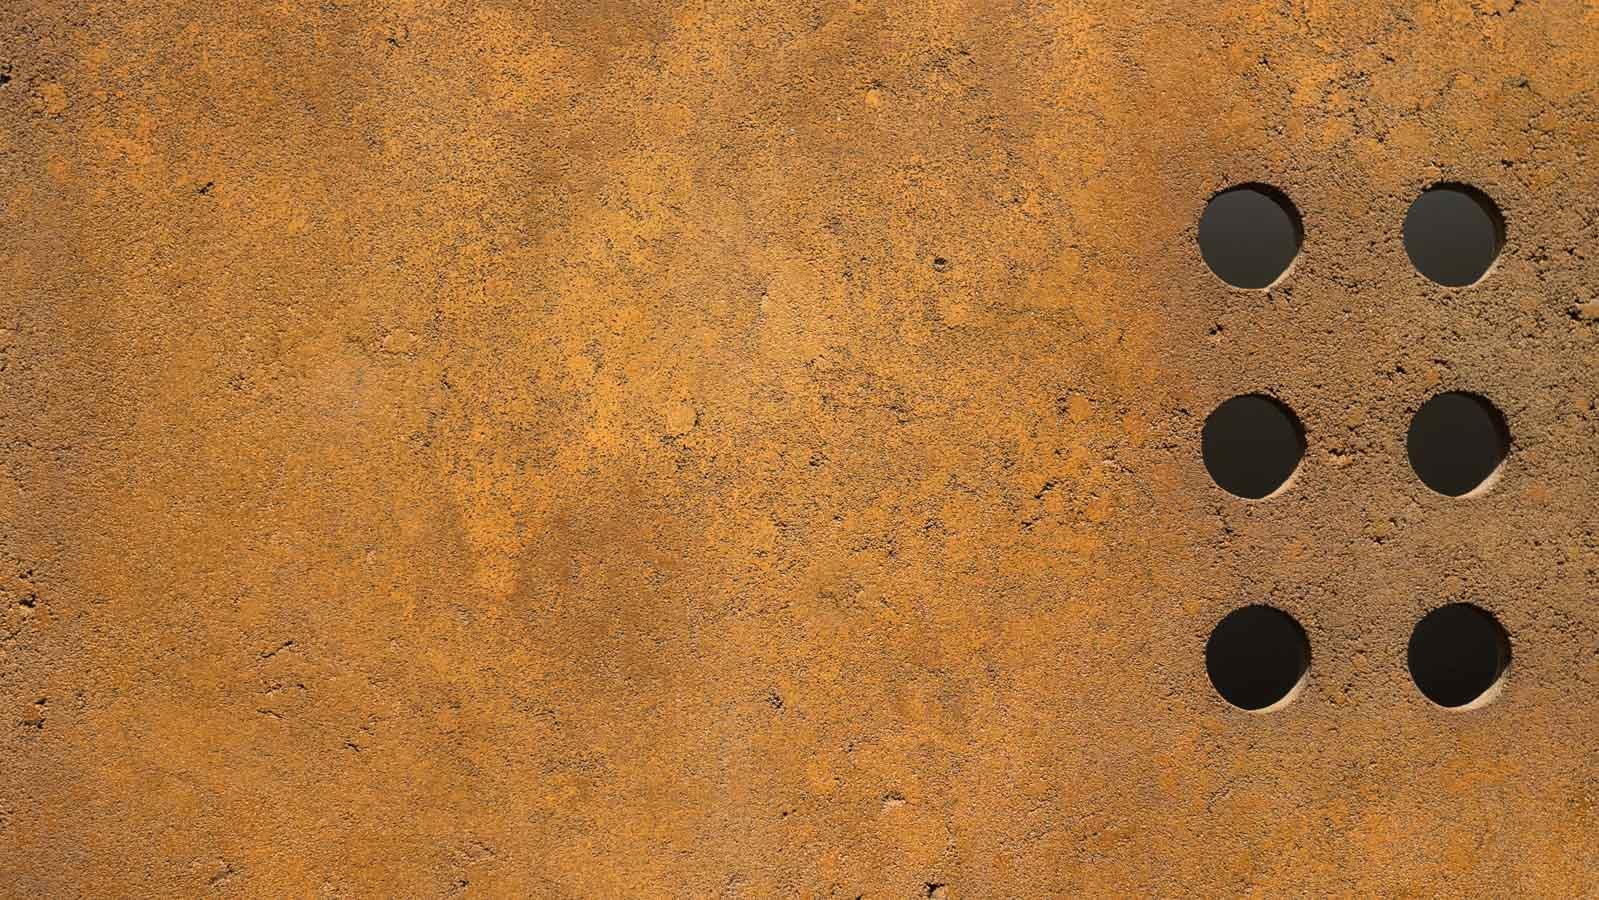 AT Betonowe szafka RTV z wentylacja20160524-_1030494-2 kamil konarski anna tasarz